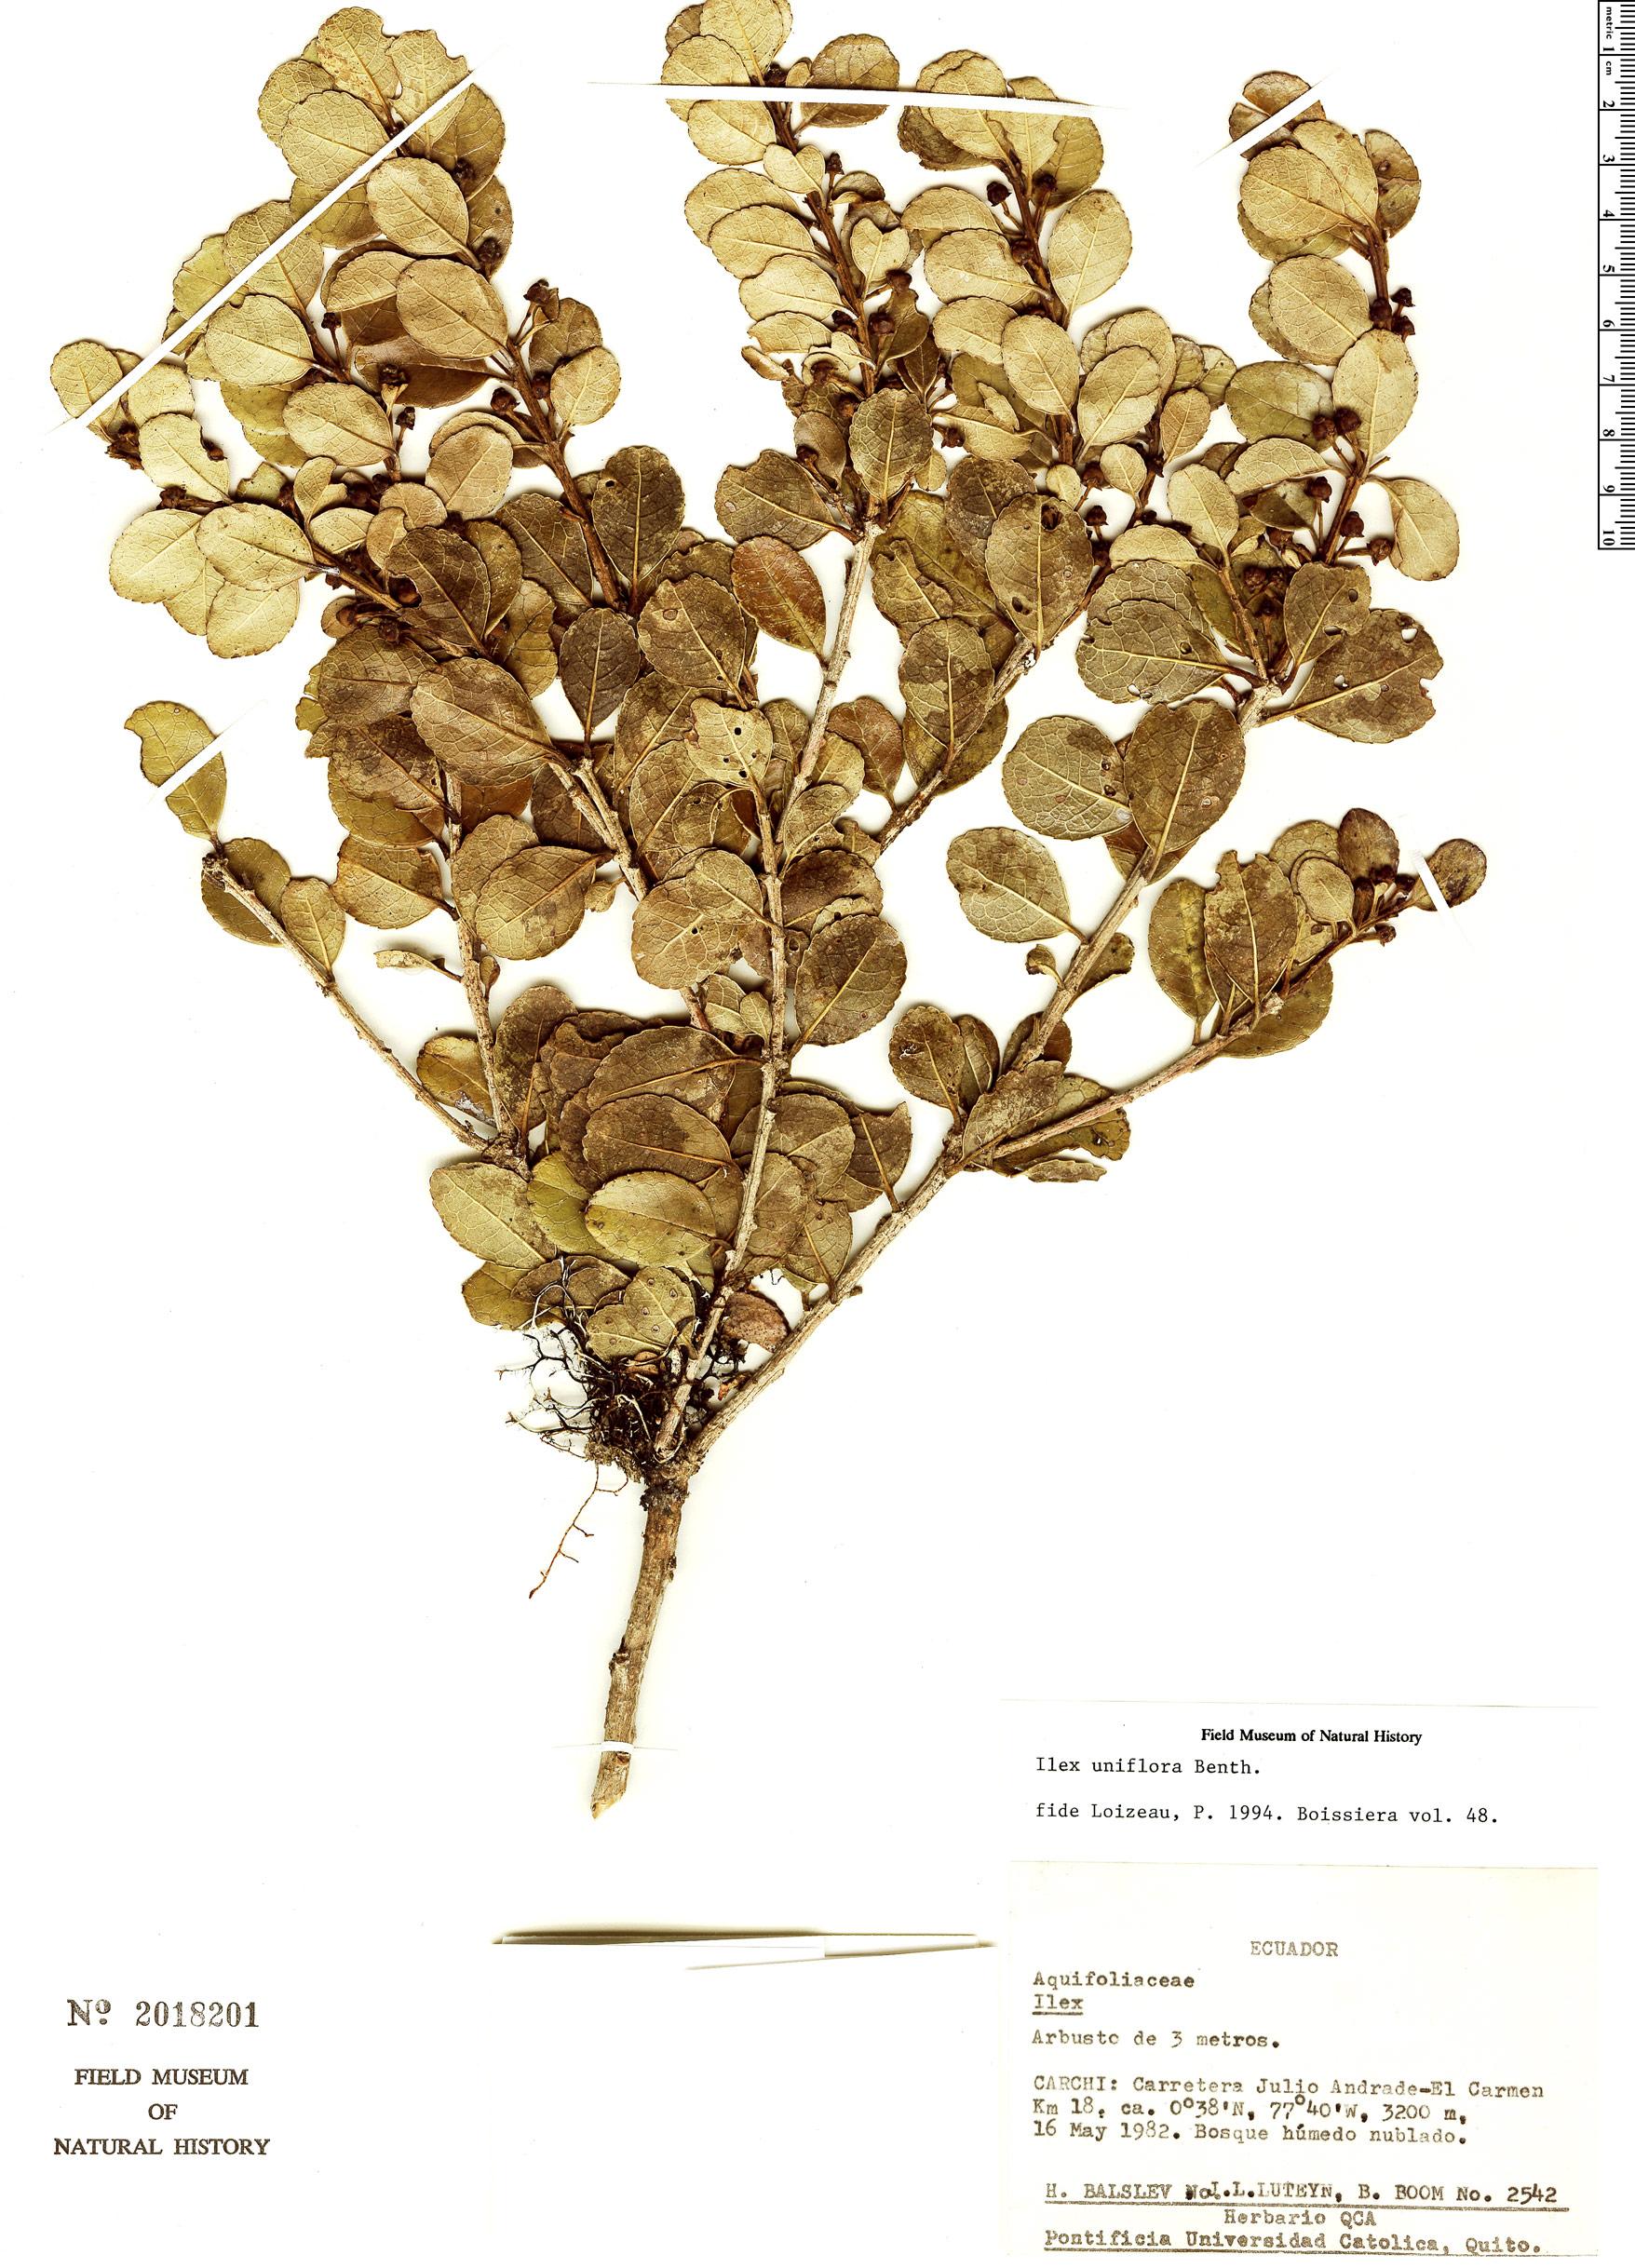 Specimen: Ilex uniflora